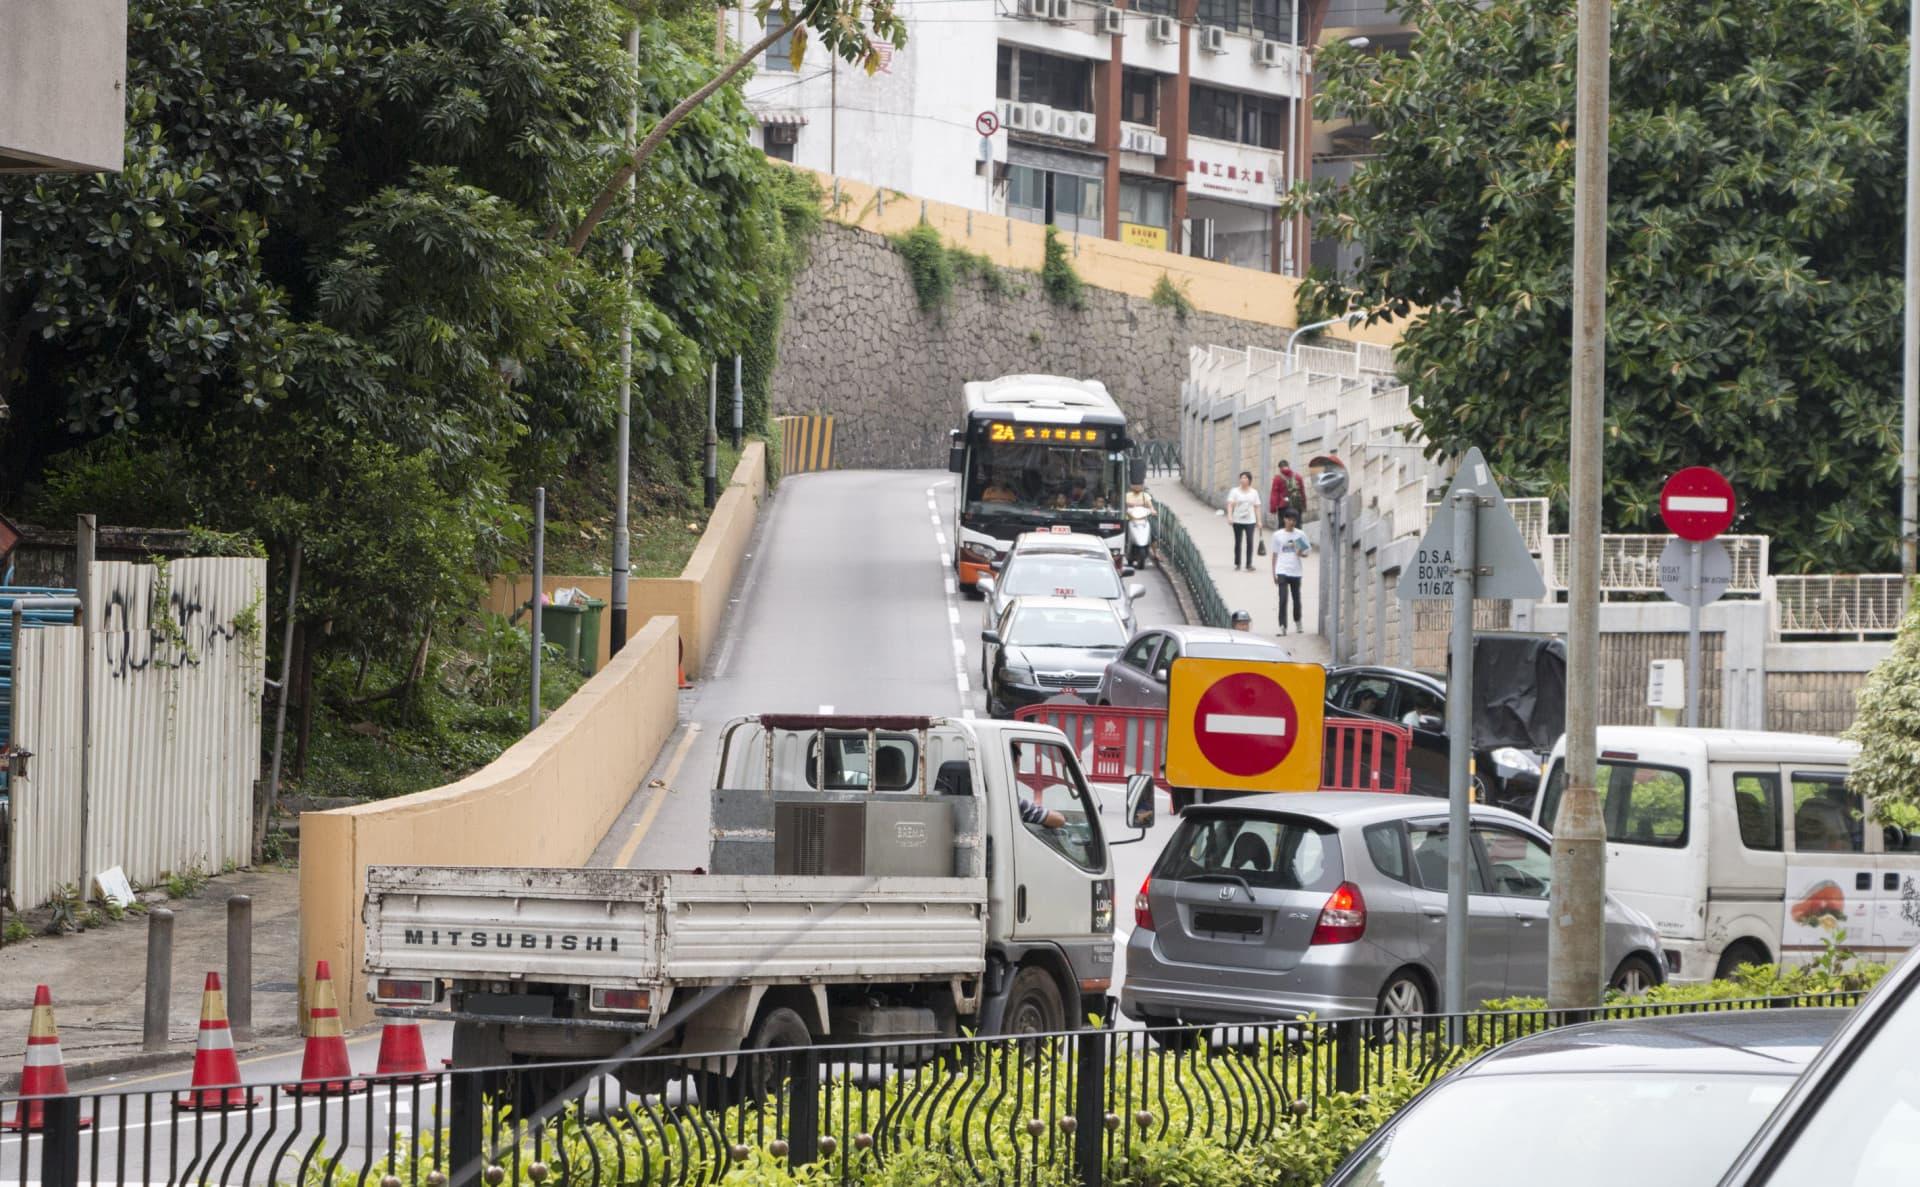 慕拉士新雅天橋啟用 交通更擠塞 : 論盡媒體 AllAboutMacau Media